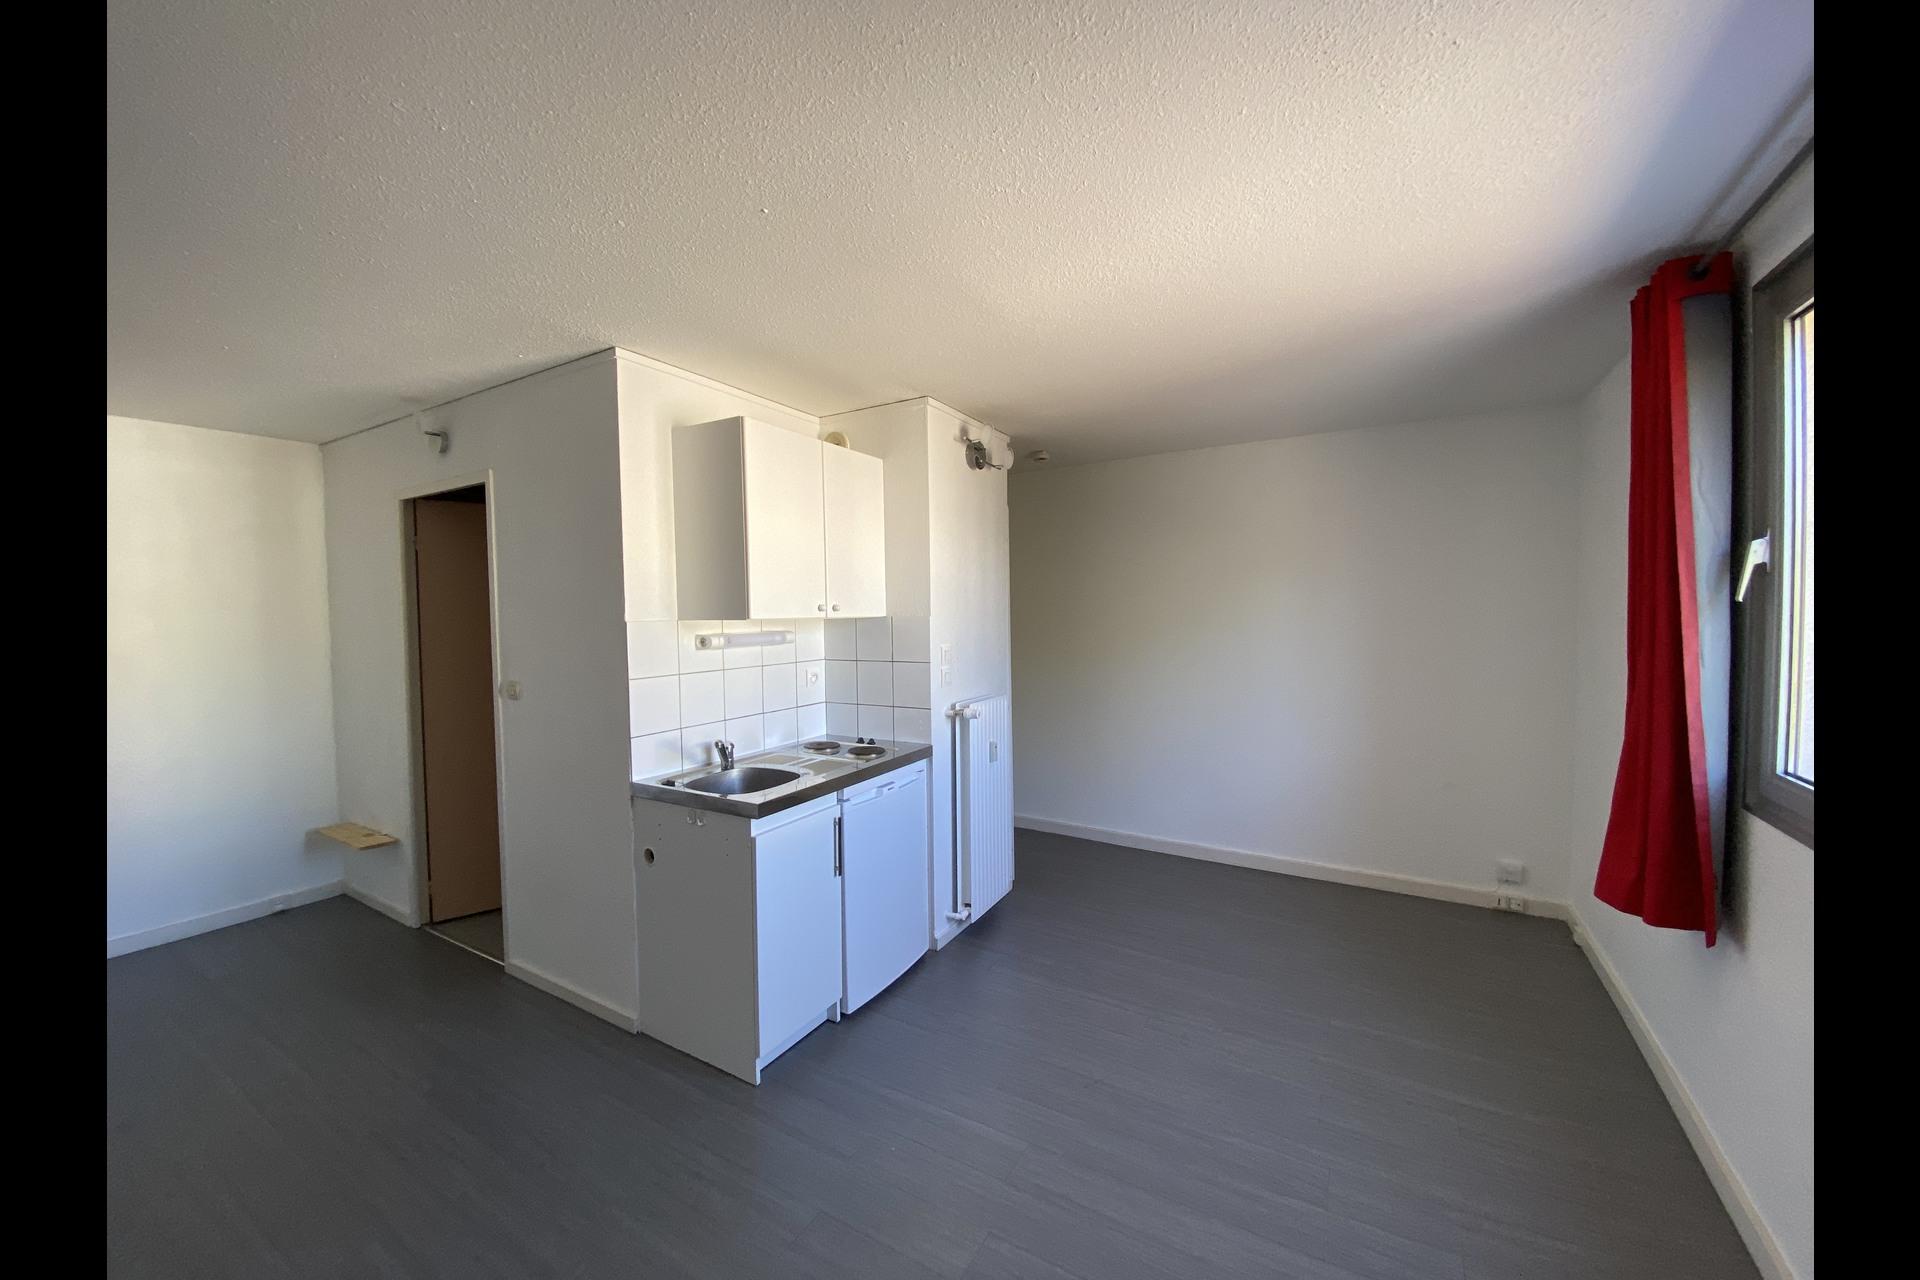 image 1 - Appartement À louer VANDOEUVRE LES NANCY VANDOEUVRE  BRABOIS  - 1 pièce